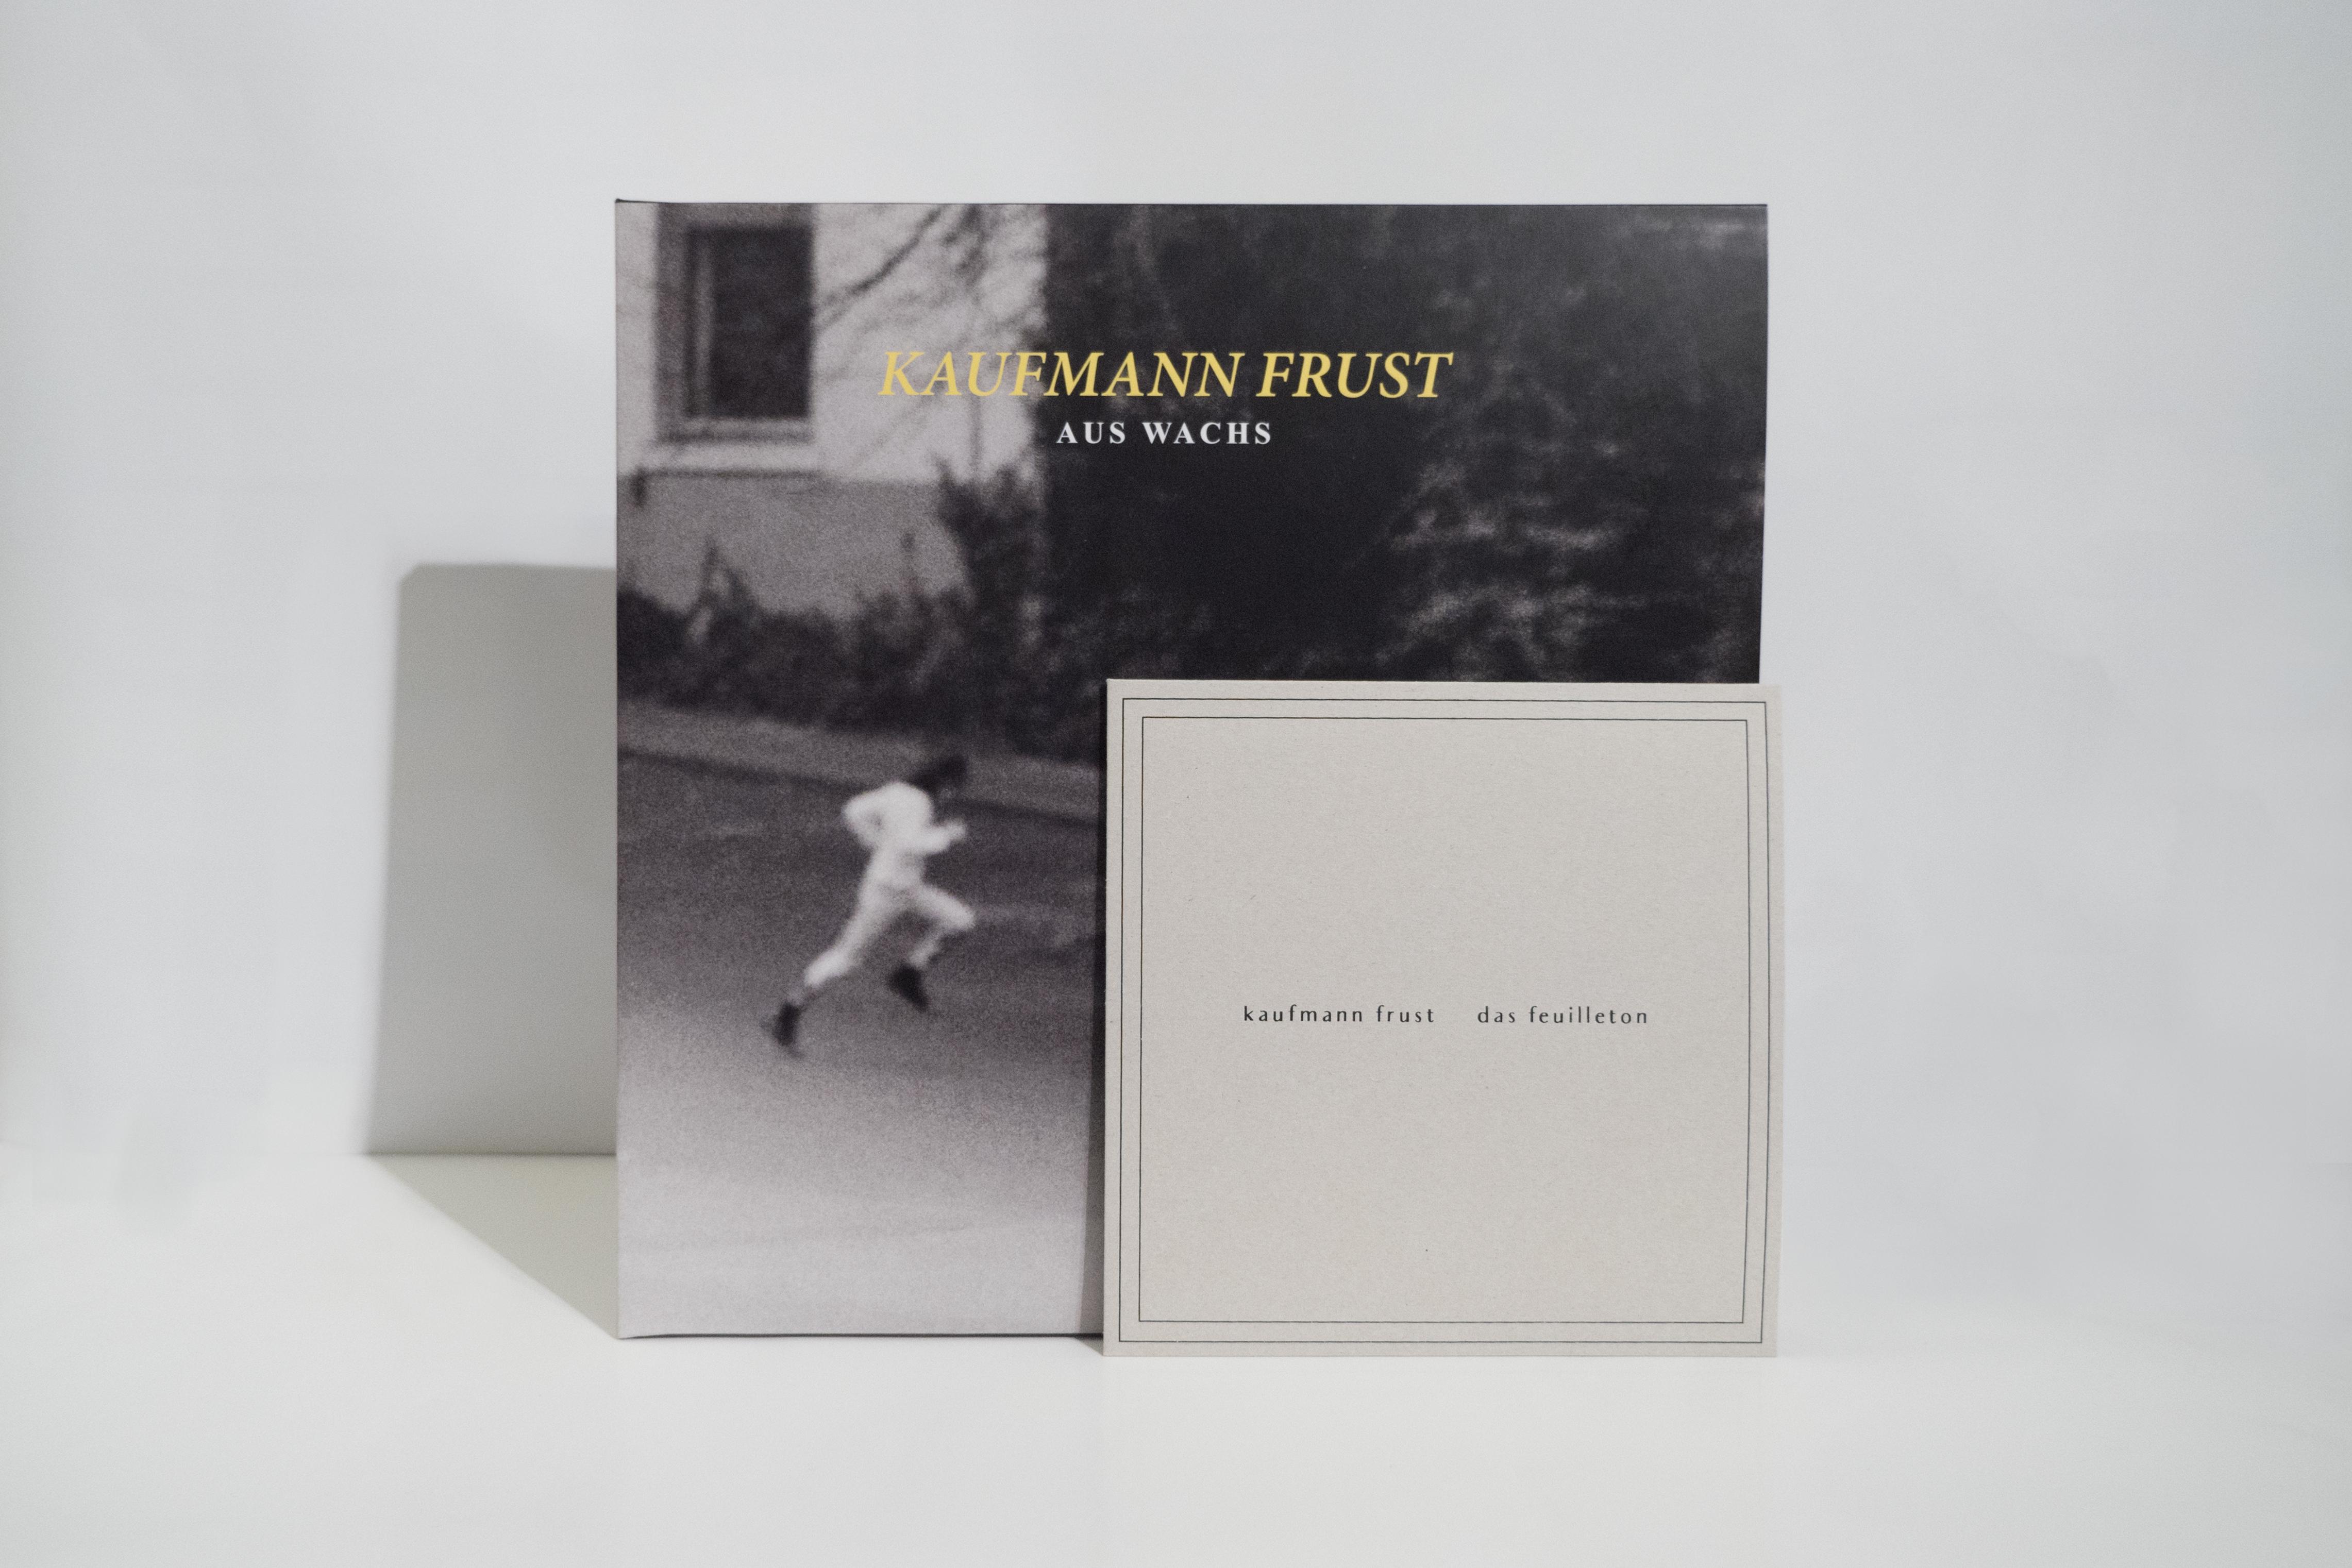 Kaufmann Frust - Aus Wachs LP + Kaufmann Frust / Das Feuilleton - Split 7